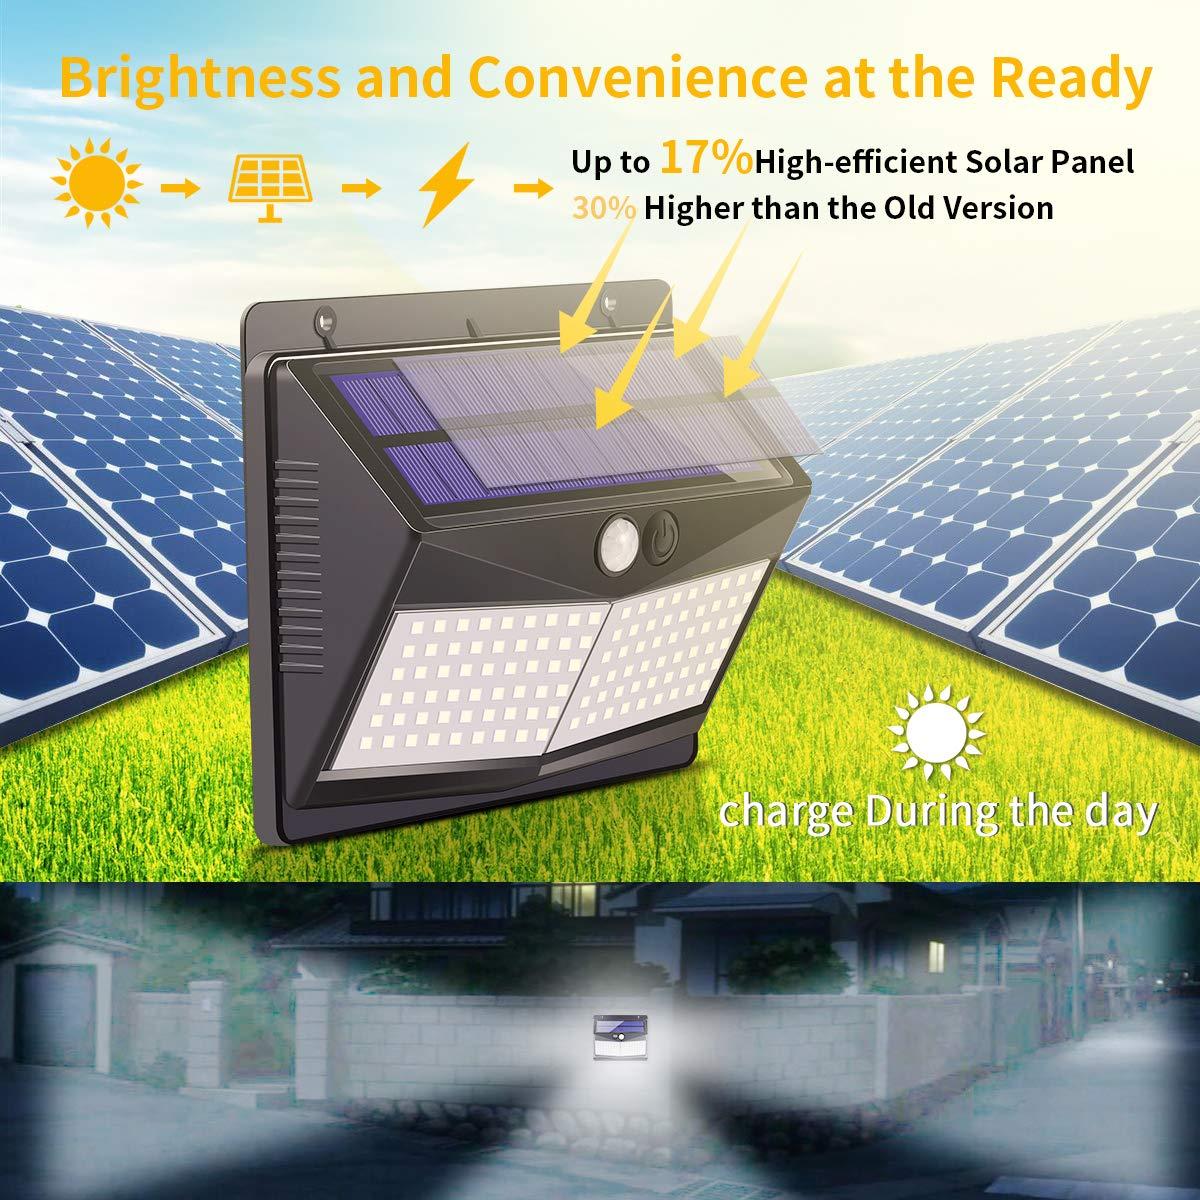 DEL Solaire Lampe Stand Extérieur Jardin Projecteur ROUILLE MOTIFS DECORATION ECLAIRAGE